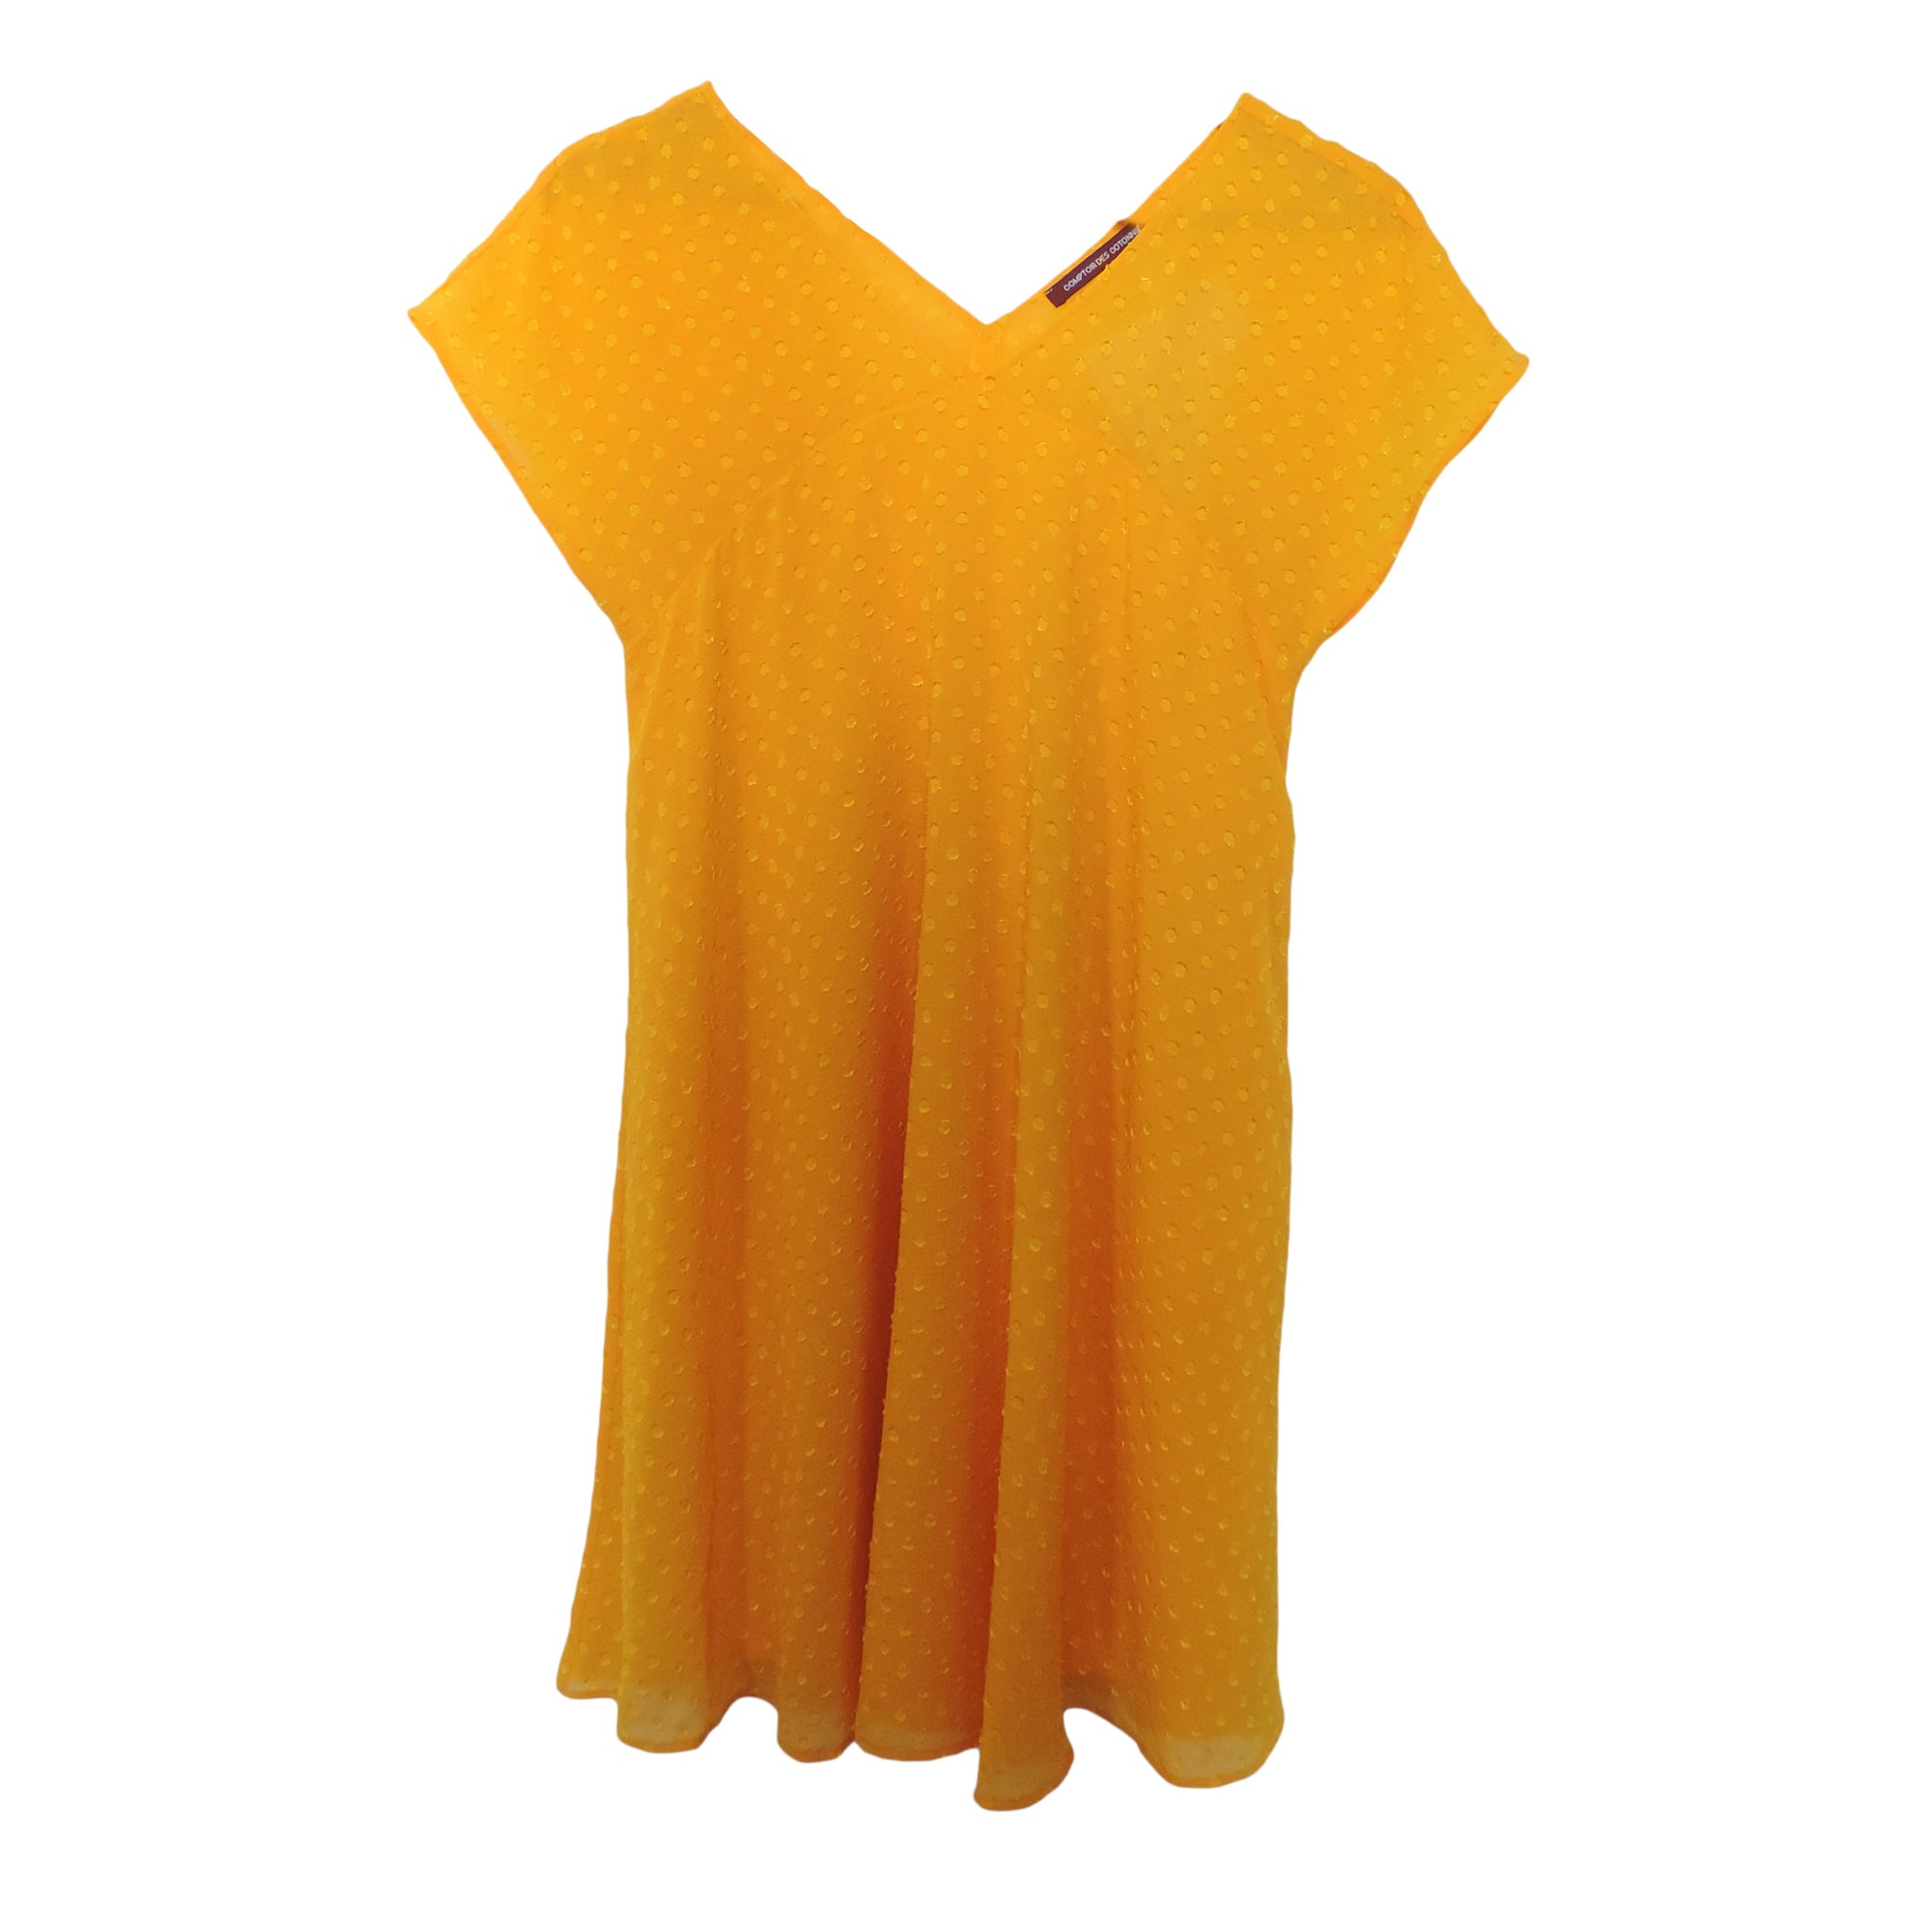 Robe courte comptoir des cotonniers 36 s t1 jaune vendu - Comptoir des cotonniers ch ...